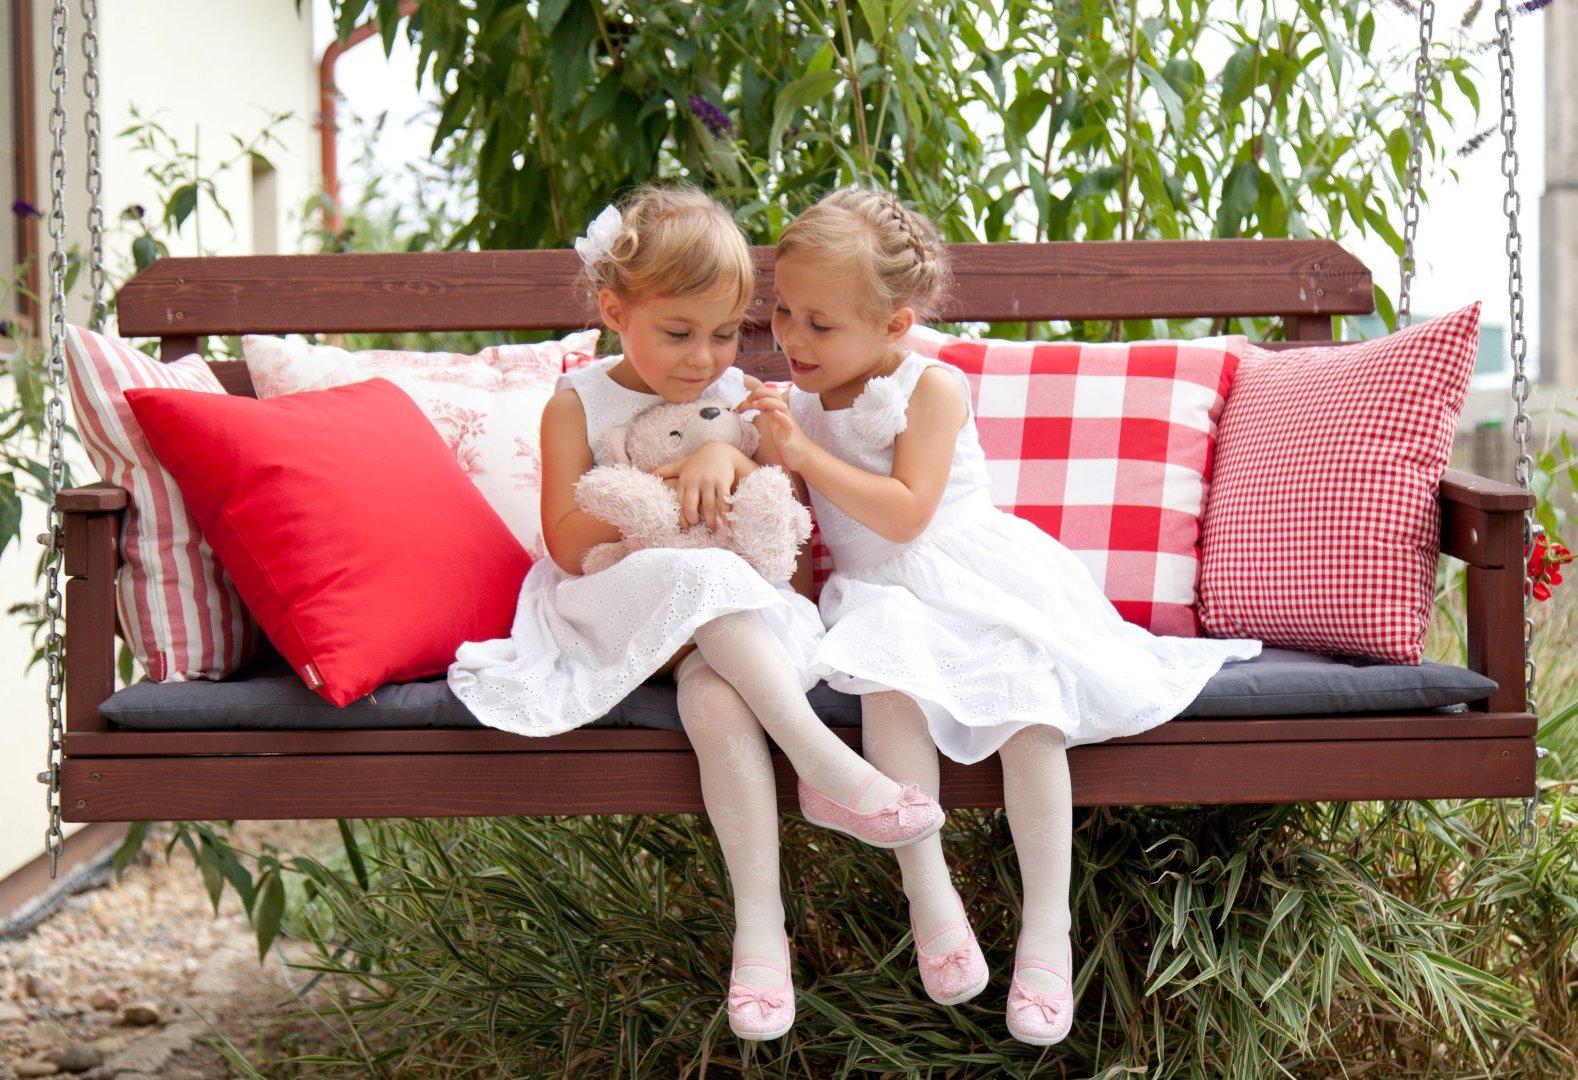 Kissen im Garten